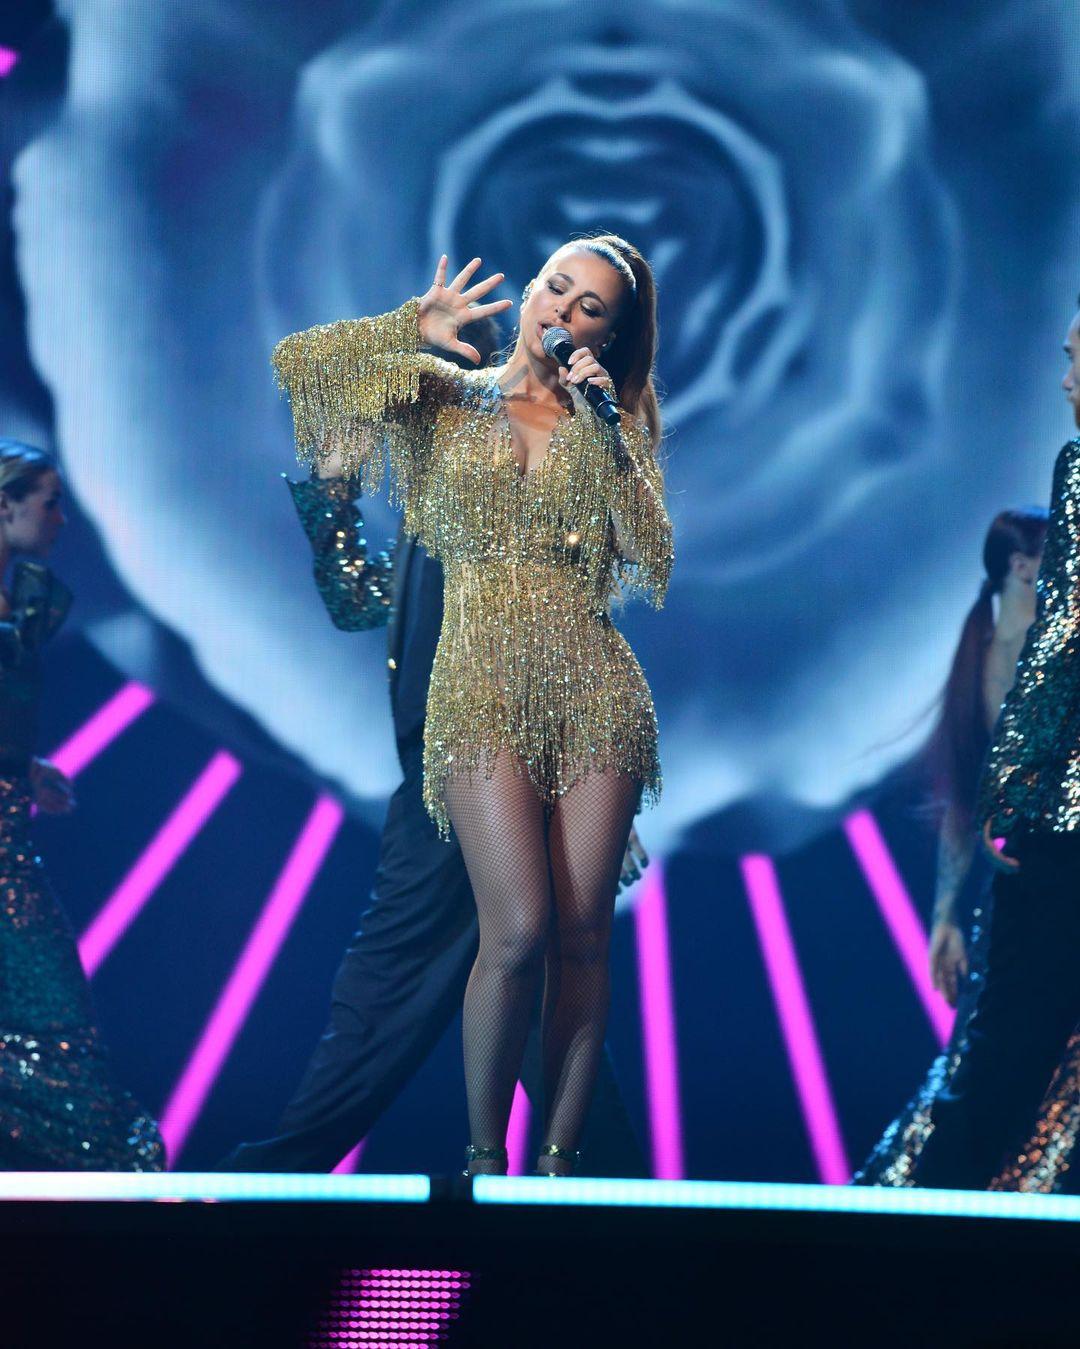 """Ани Лорак и Полина Гагарина оконфузились в одинаковых нарядах на """"Золотом граммофоне"""""""